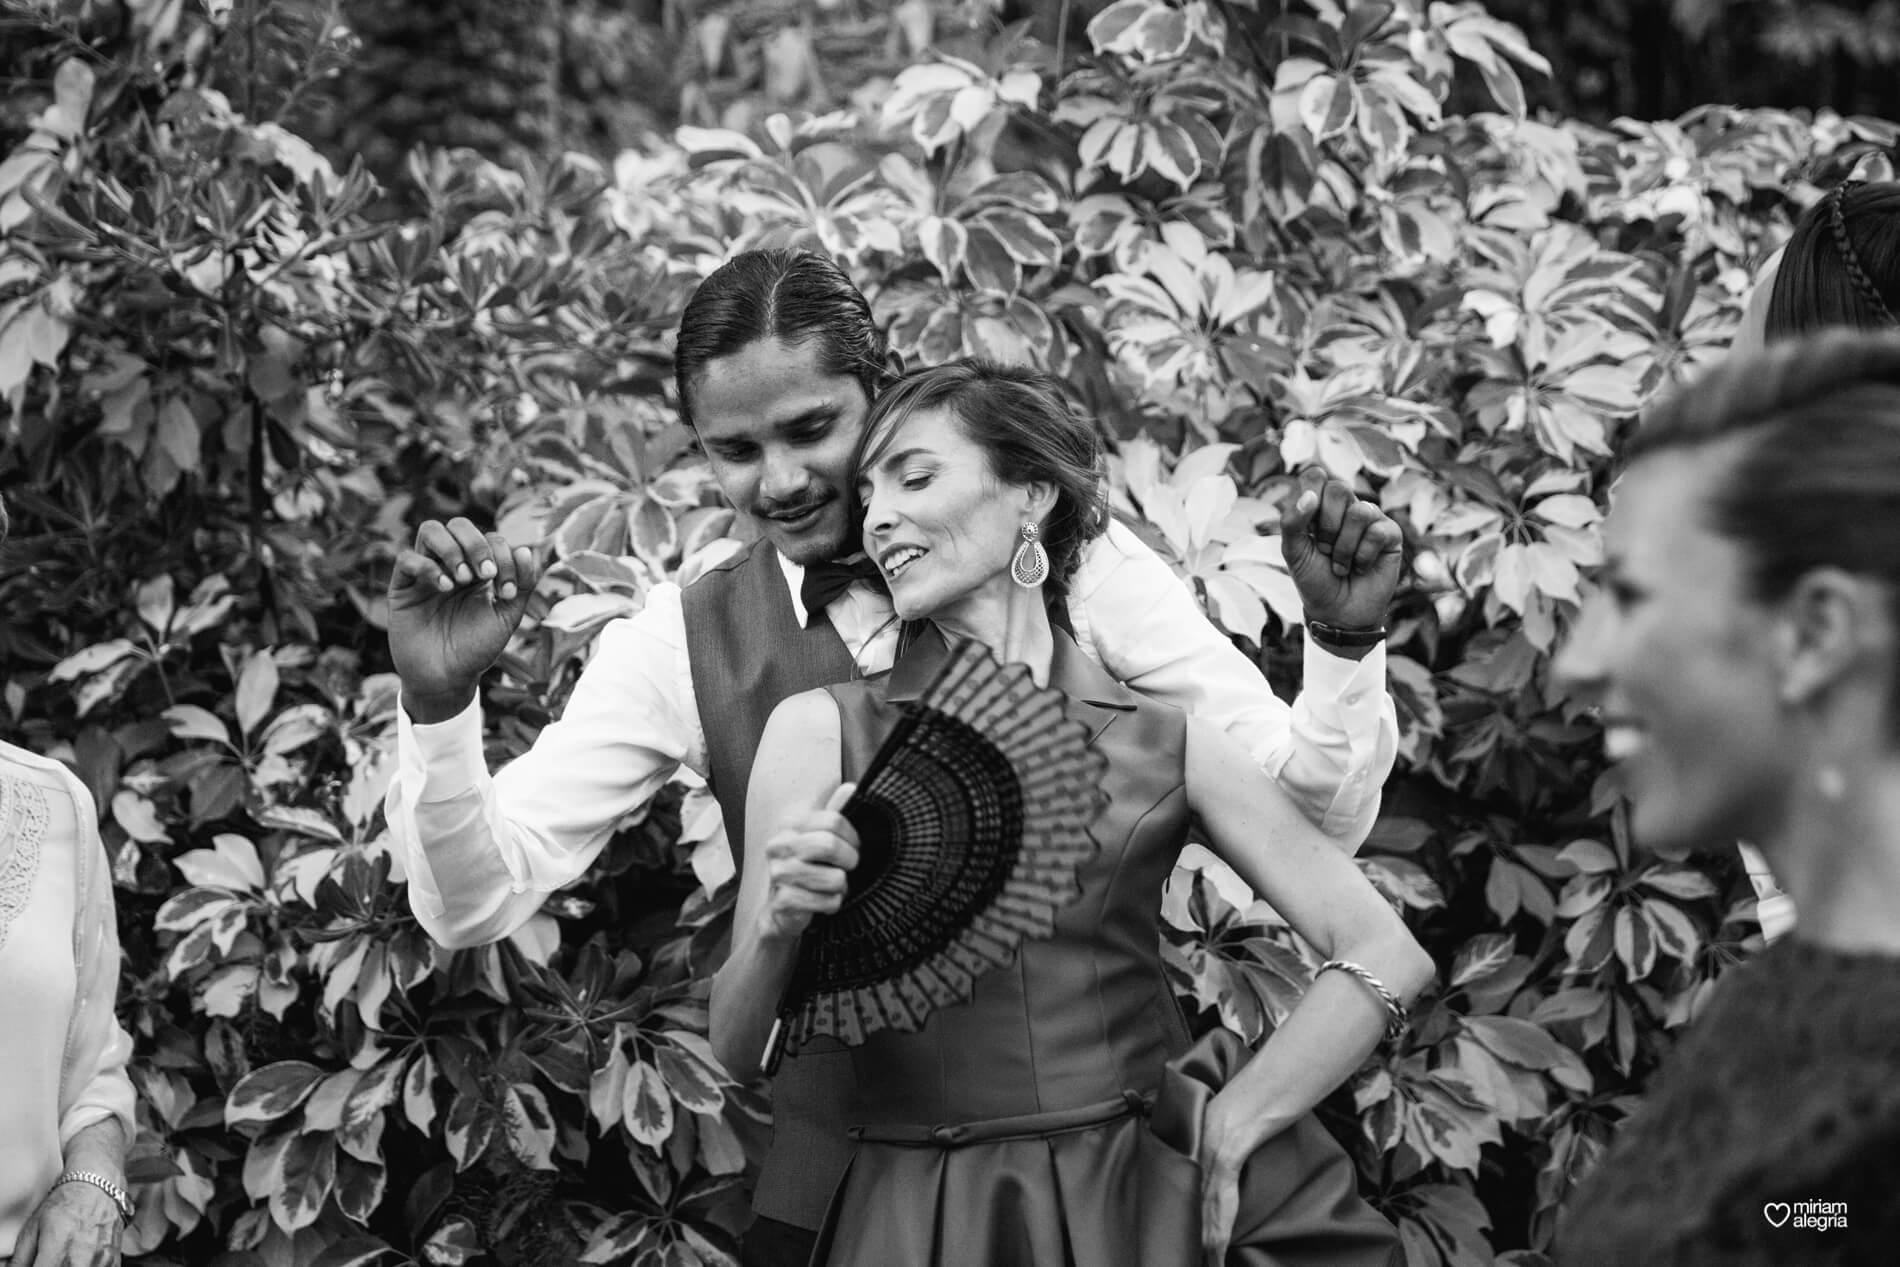 wedding-huerto-del-cura-elche-miriam-alegria-fotografos-boda-58